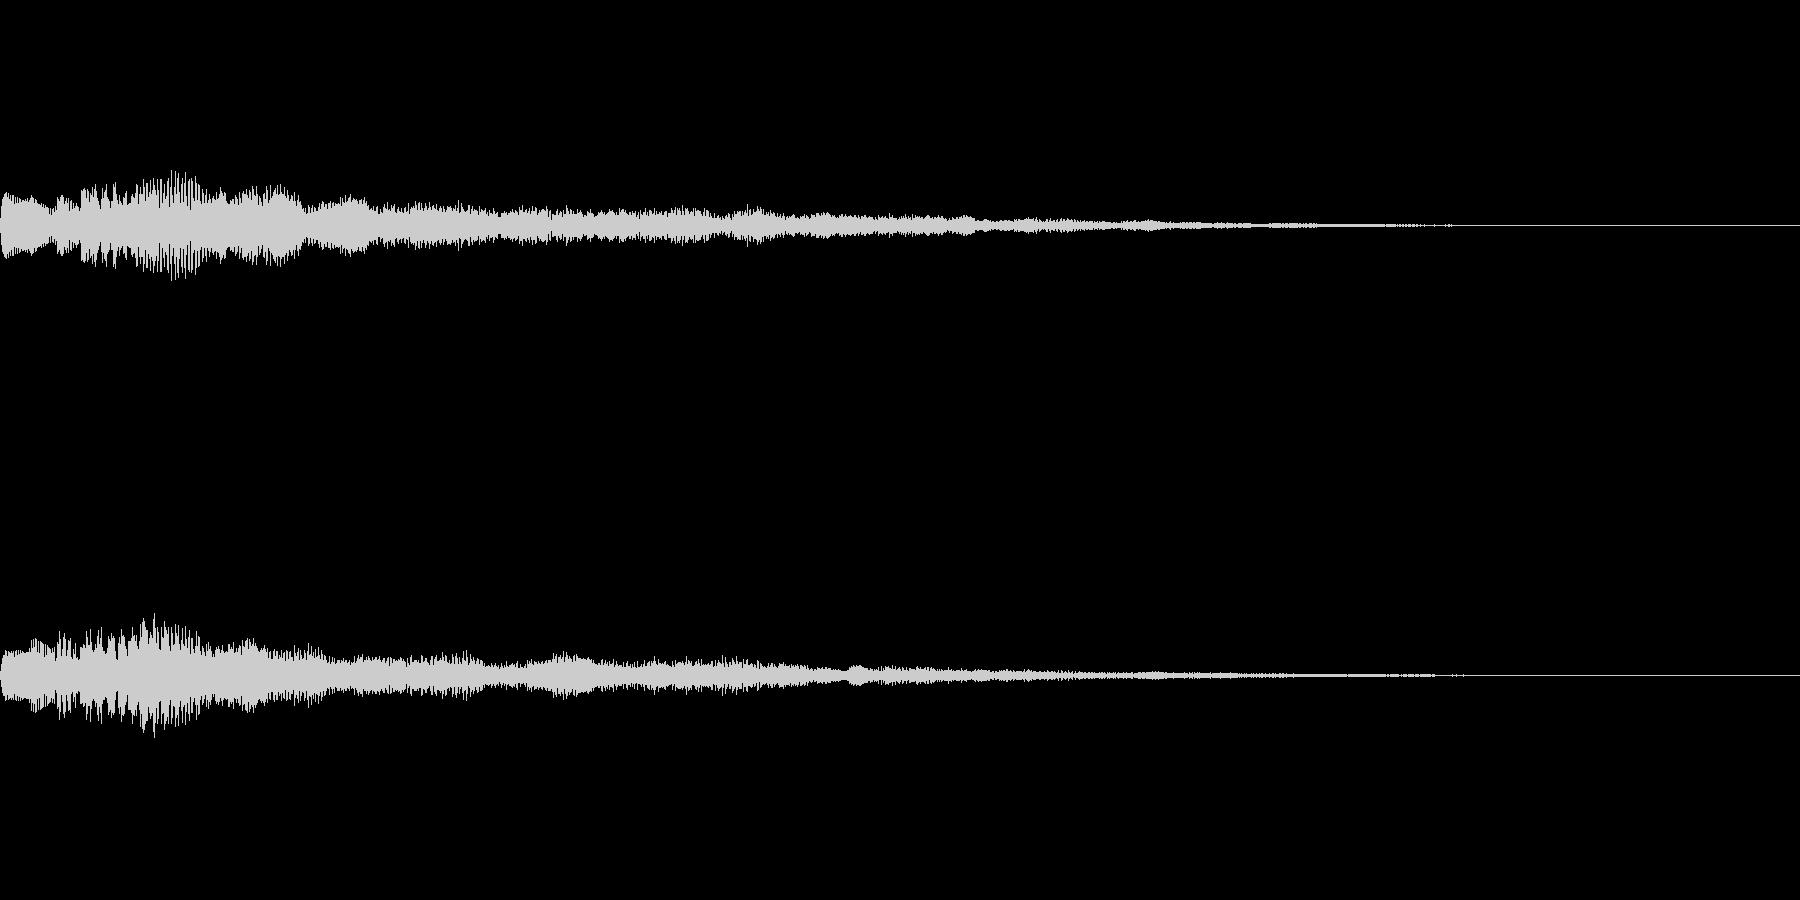 [ティロリン]パラメータUP(柔かい)の未再生の波形